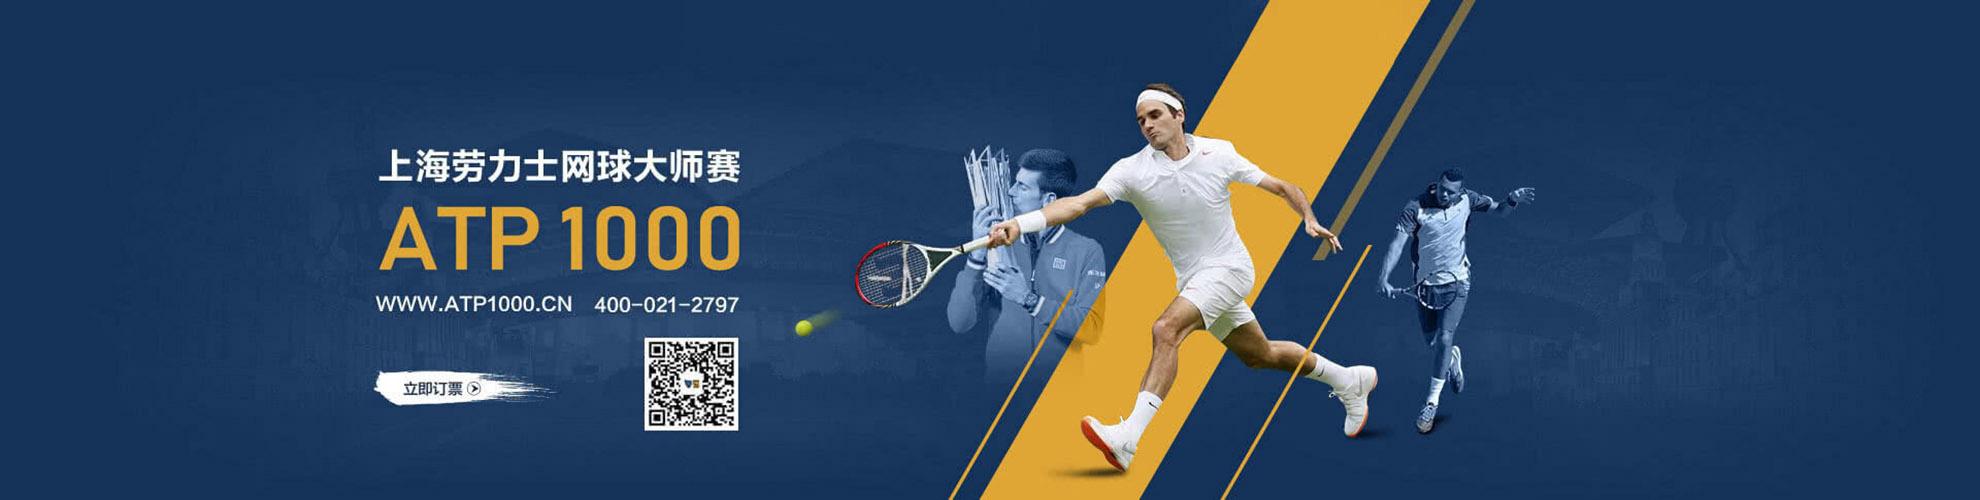 上海ATP000劳力士网球大师赛订票官网